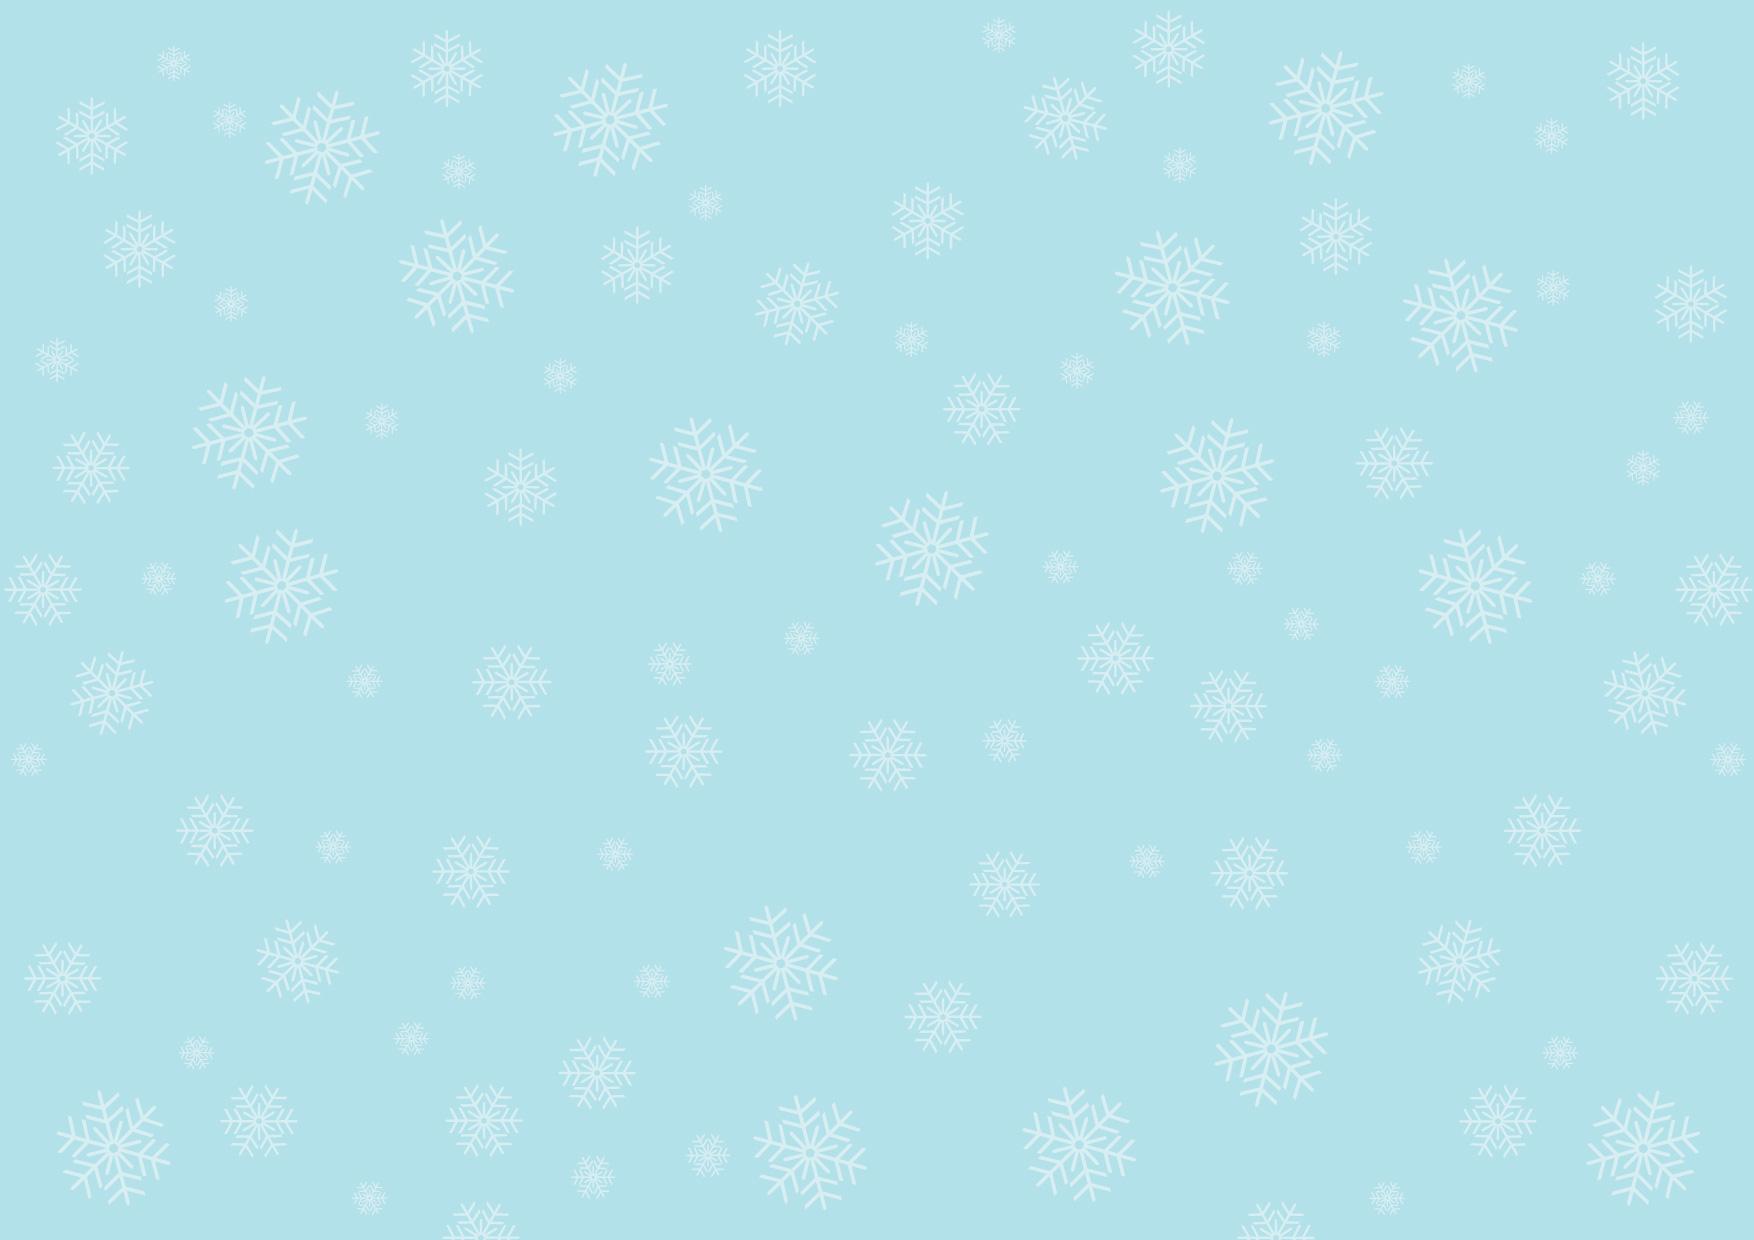 聖誕小天使幸福小卡